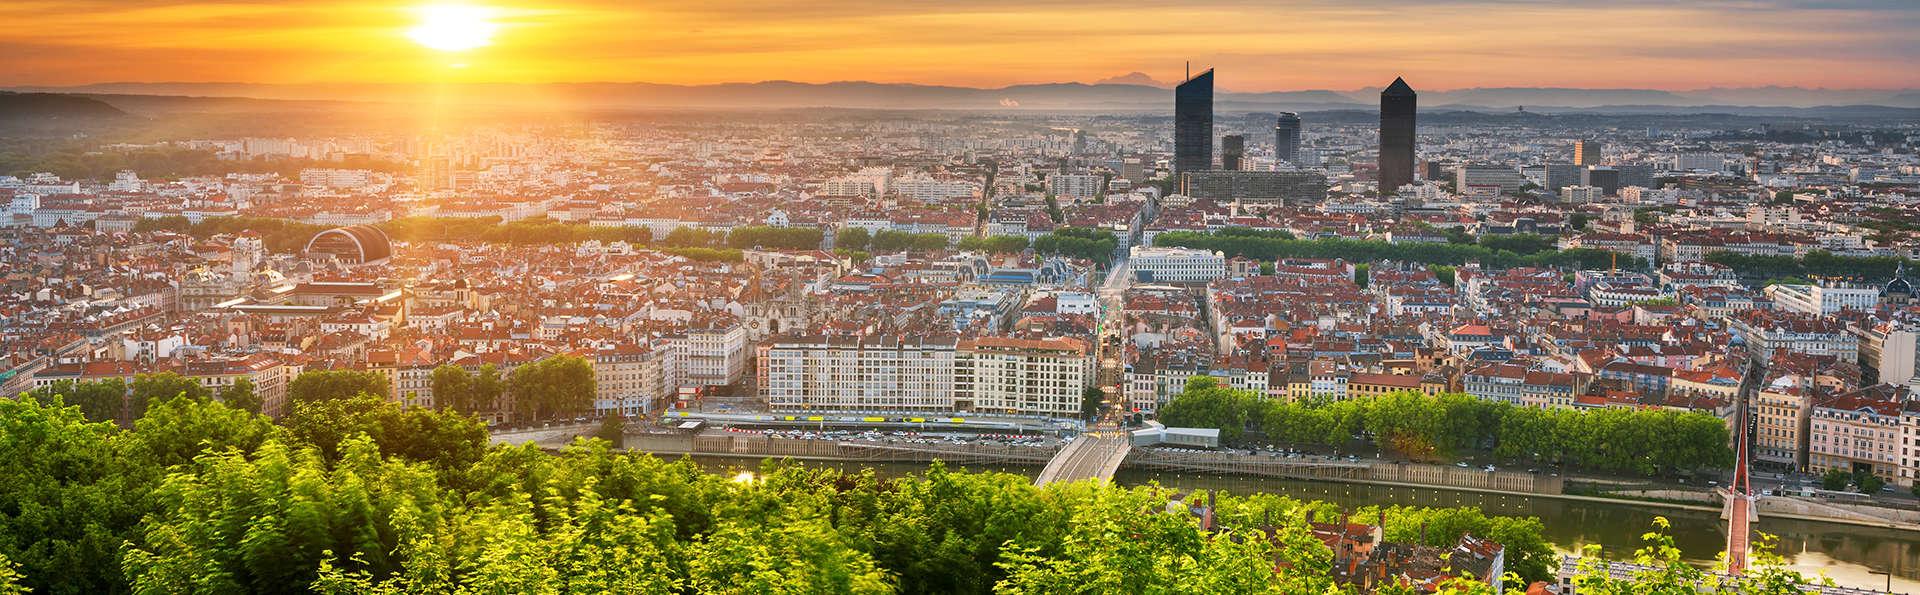 Escapade et vue panoramique à Lyon